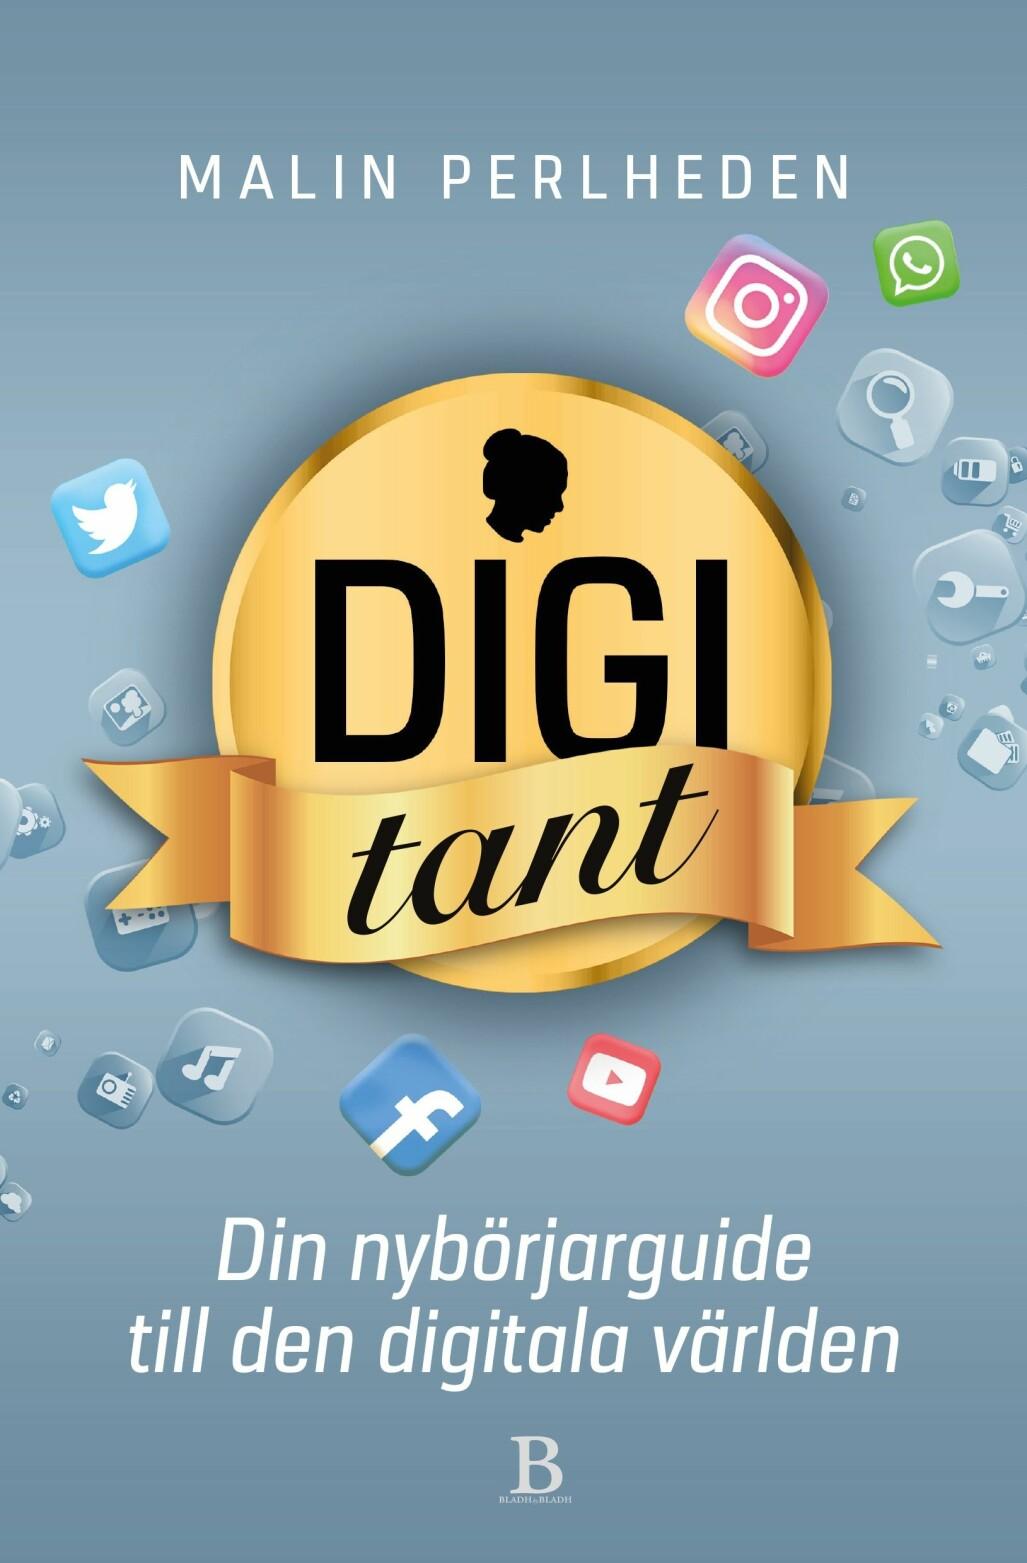 Omslag till Malin Perlhedens bok Digitant: din nybörjarguide till den digitala världen.